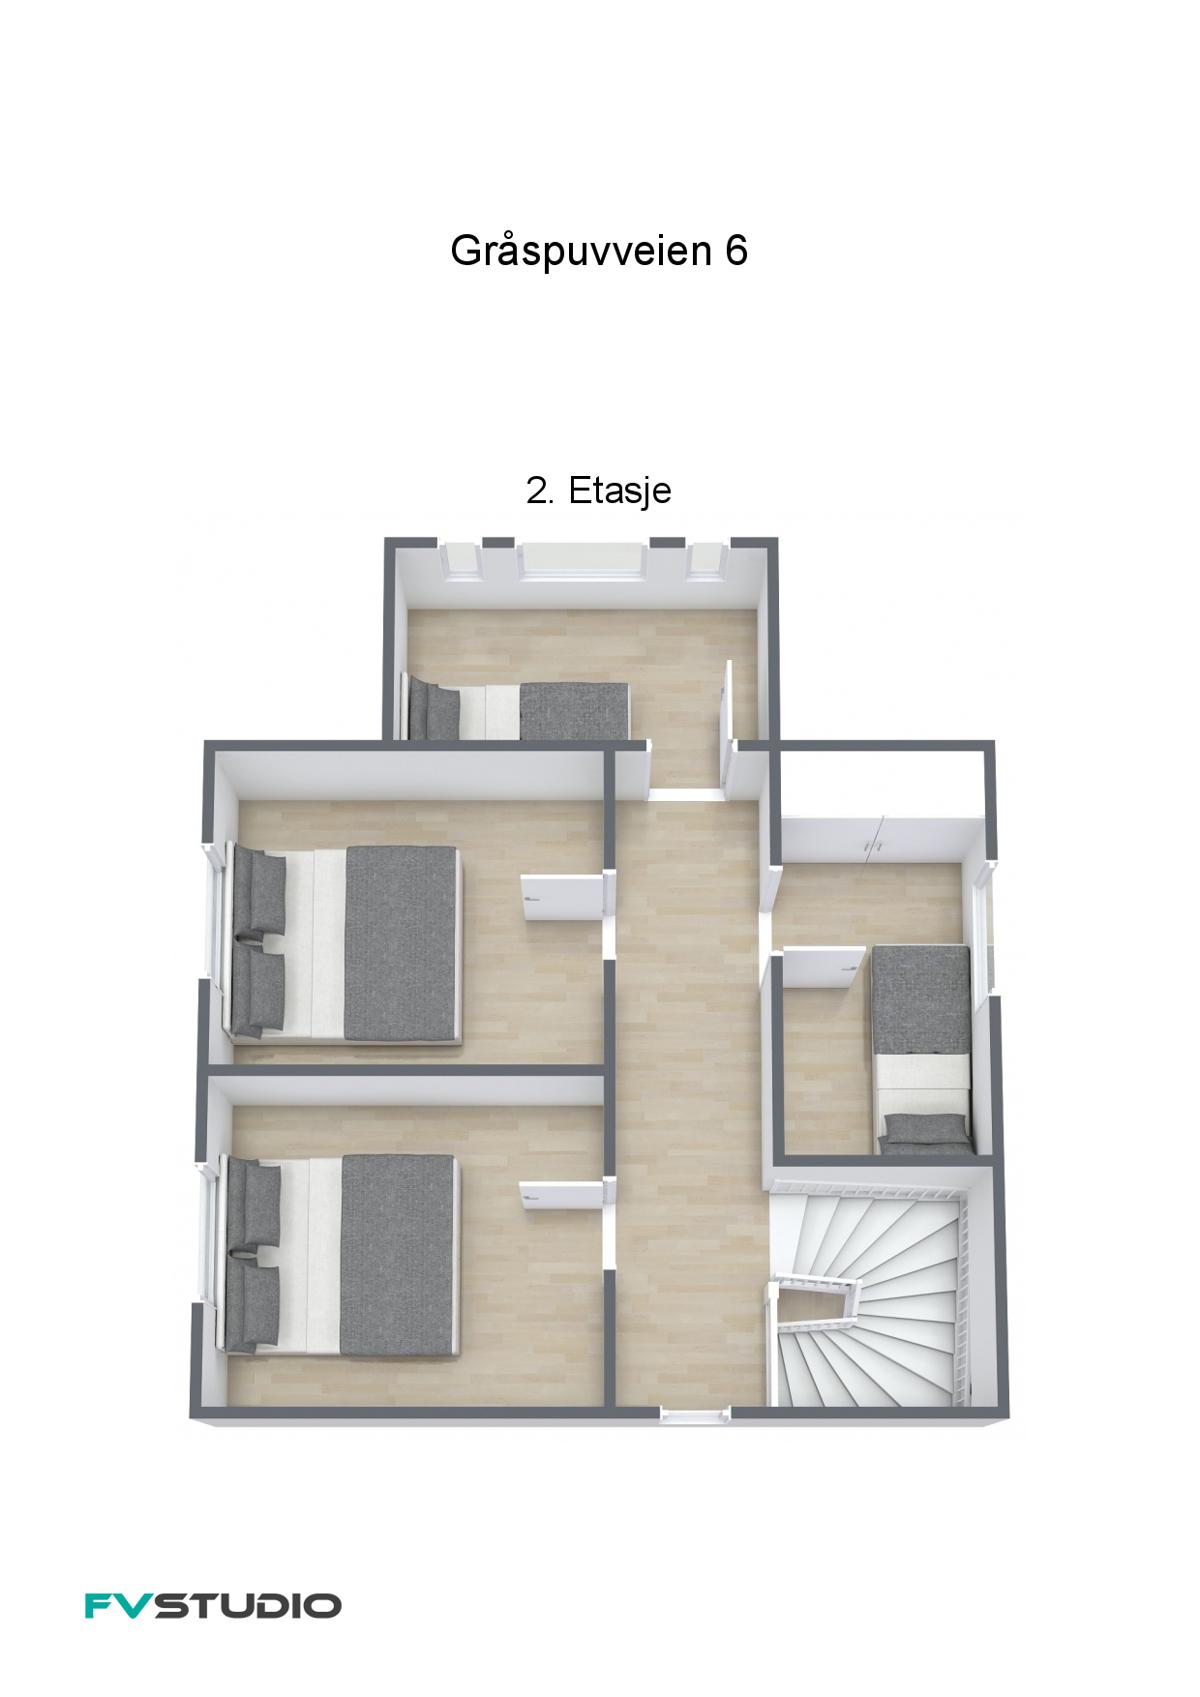 Plantegning 2 etasje